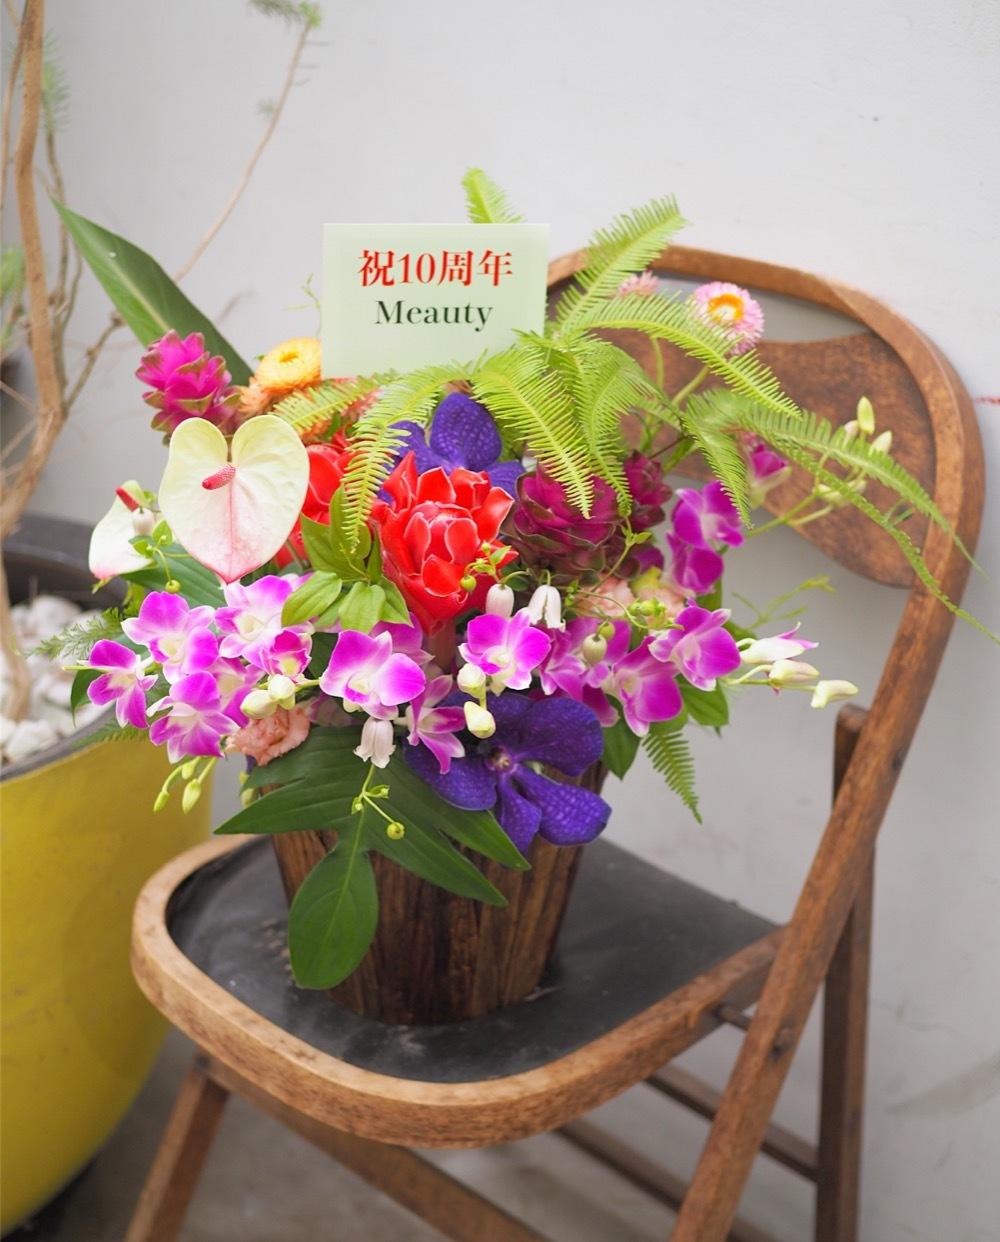 「ハワイの雰囲気で」ハワイアンロミロミのサロン様10周年お祝い花